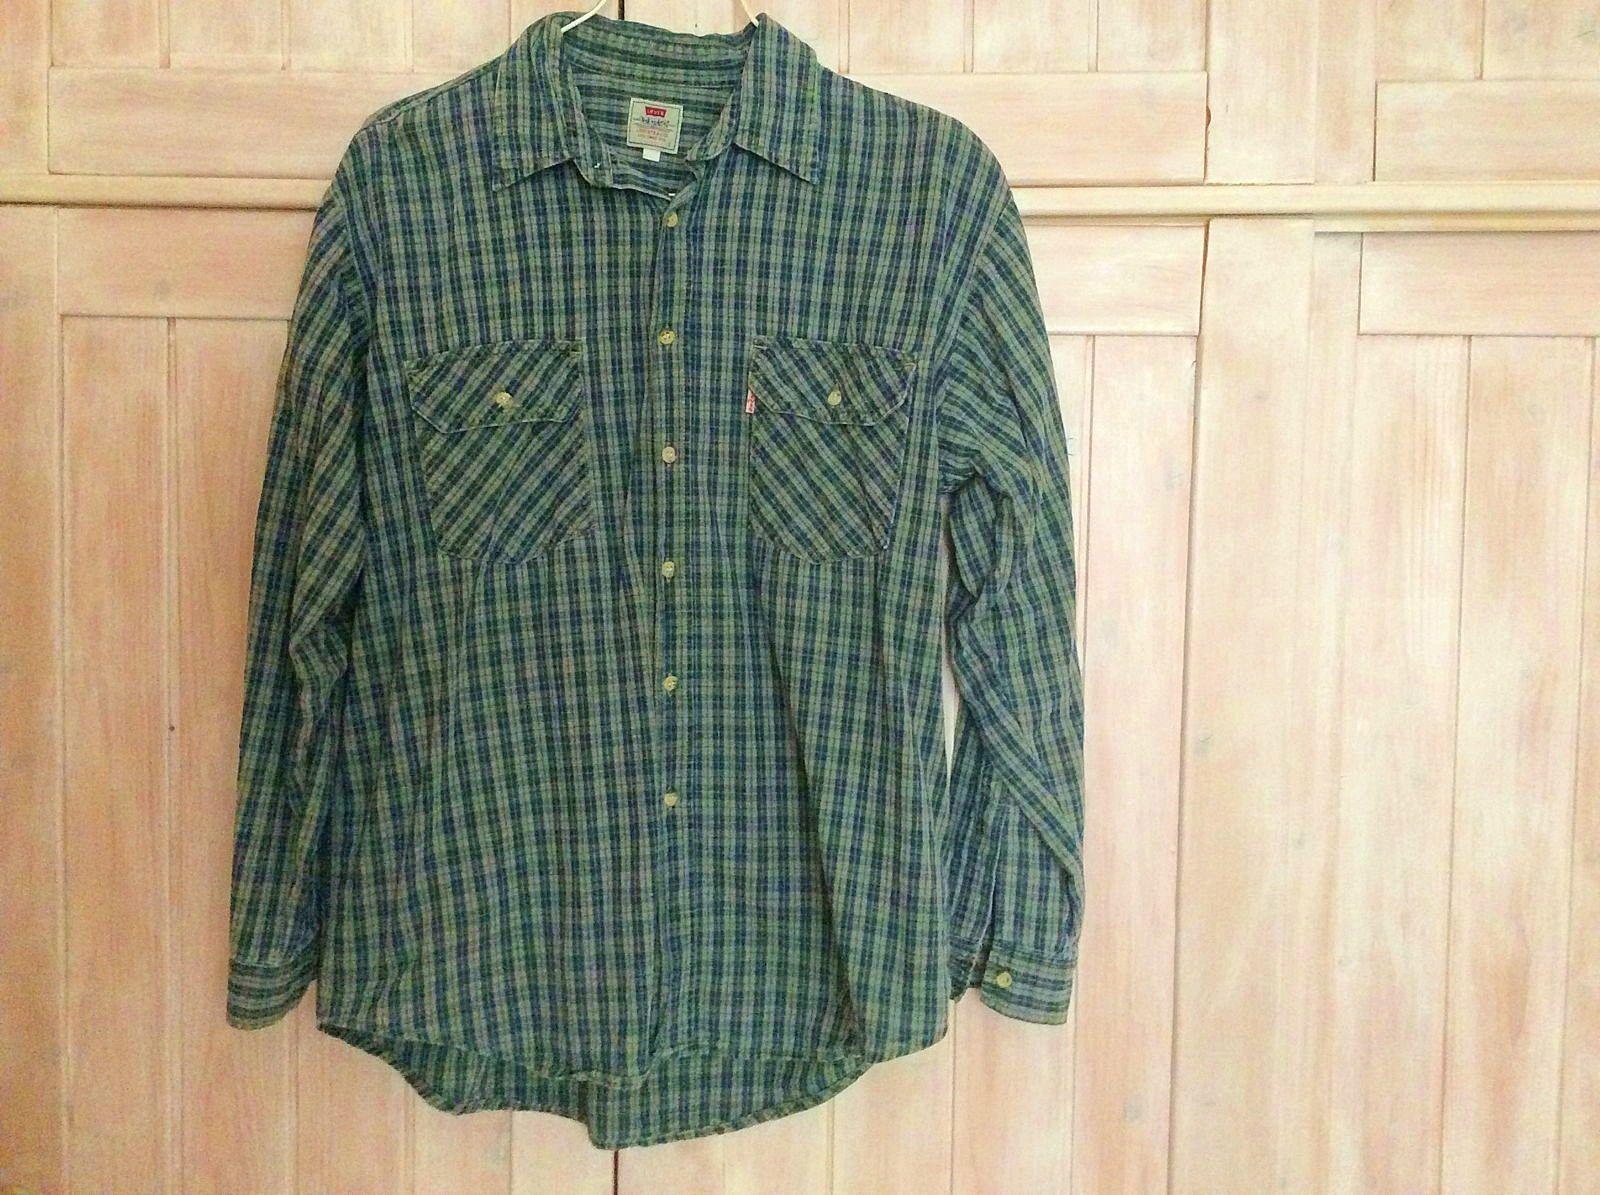 Chemises Levi's - Taille L